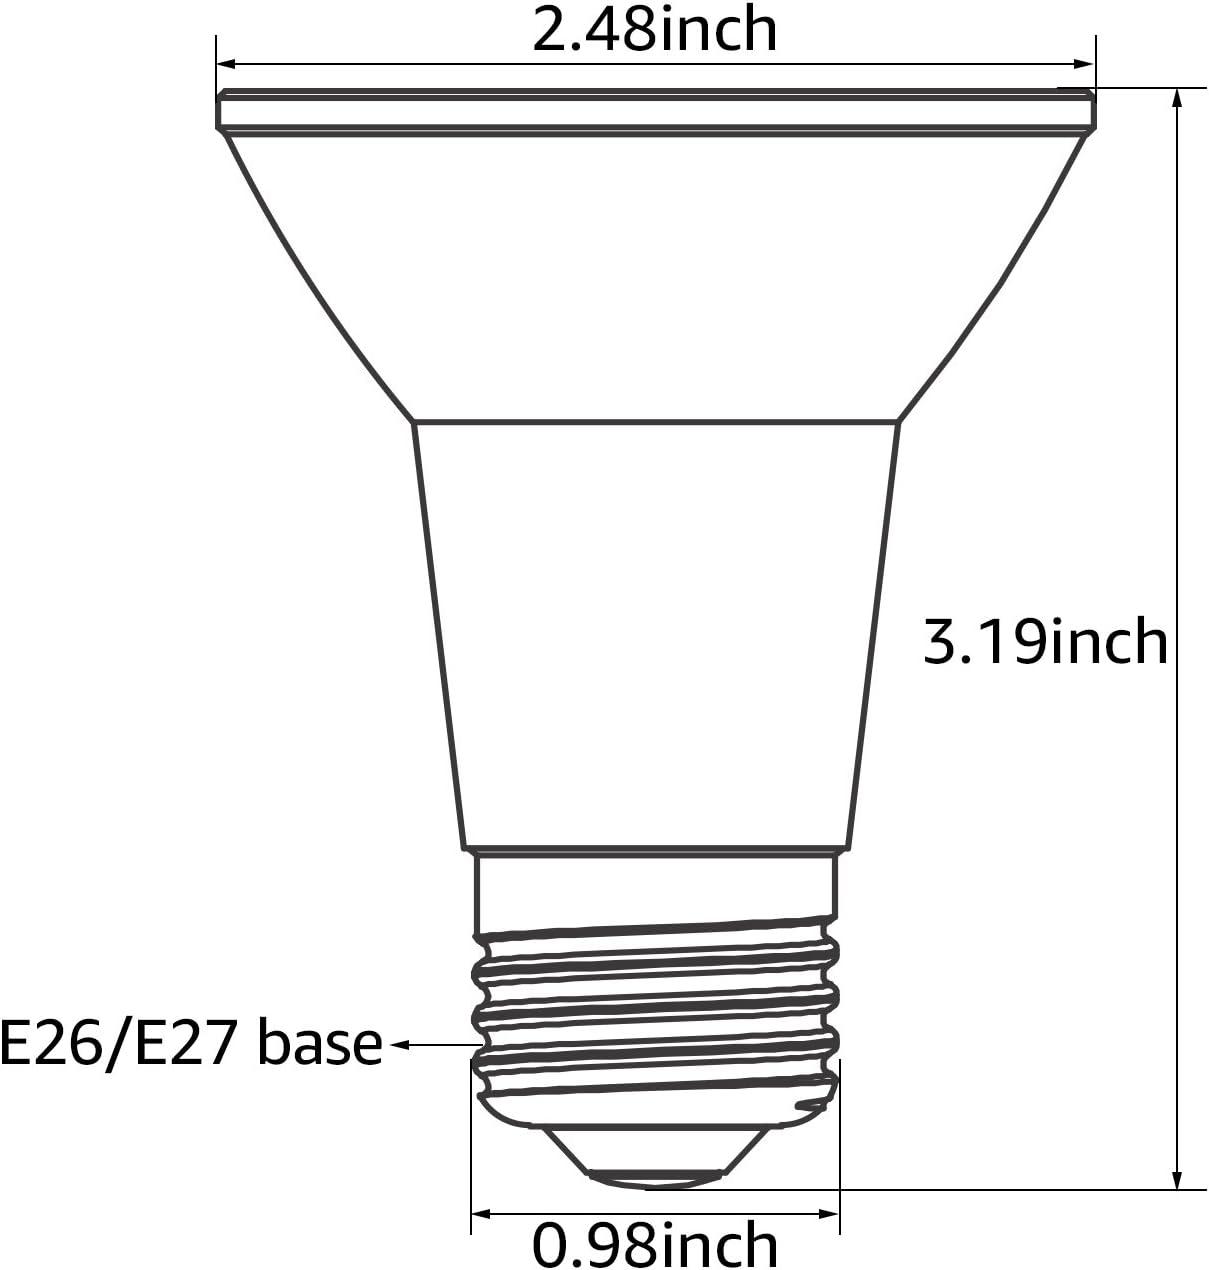 Pack of 6 50W Equivalent UL /& Energy Star Listed Dimmable Spotlight Bulb E26 Standard Base TORCHSTAR PAR20 LED Bulb 8W Track Light Bulb CRI90+ 5000K Daylight